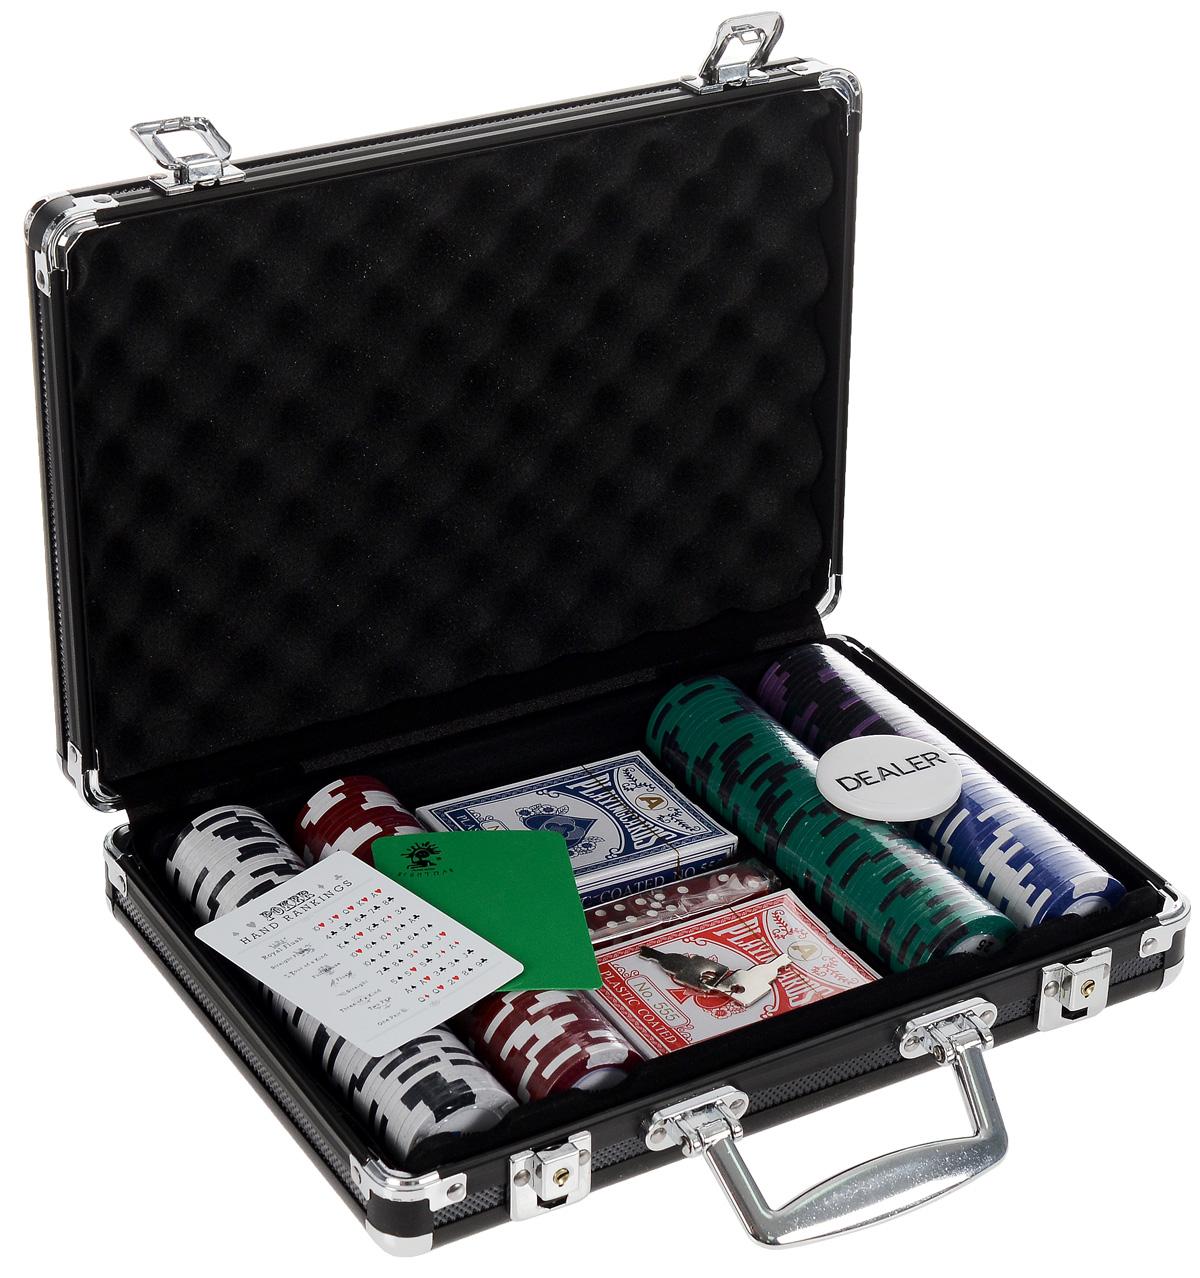 Набор для покера Nightman WPT 200, размер: 70х237х314 мм. УТ-00000441УТ-00000441Набор для игры в покер - то, что нужно для отличного проведения досуга. Набор состоит из двух колод игральных карт, 200 игровых пластиковых фишек c номиналами, фишки Dealer, подрезной карты, кубиков и карточку с комбинациями. Набор фишек состоит из 50 фишек белого цвета номиналом 1, 50 фишек красного цвета номиналом 5, 50 фишек зеленого цвета номиналом 25, 25 фишек синего цвета номиналом 50 и 25 фишек черного цвета номиналом 100. Предметы набора хранятся в черном металлическом кейсе, который закрывается на ключик. Для удобства переноски на кейсе имеется ручка. Такой набор станет отличным подарком для любителей покера. Покер (англ. poker) - карточная игра, цель которой - выиграть ставки, собрав как можно более высокую покерную комбинацию, используя 5 карт, или вынудив всех соперников прекратить участвовать в игре. Игра идет с полностью или частично закрытыми картами. Покер как карточная игра существует более 500 лет. Зародился он в Европе: в Испании,...